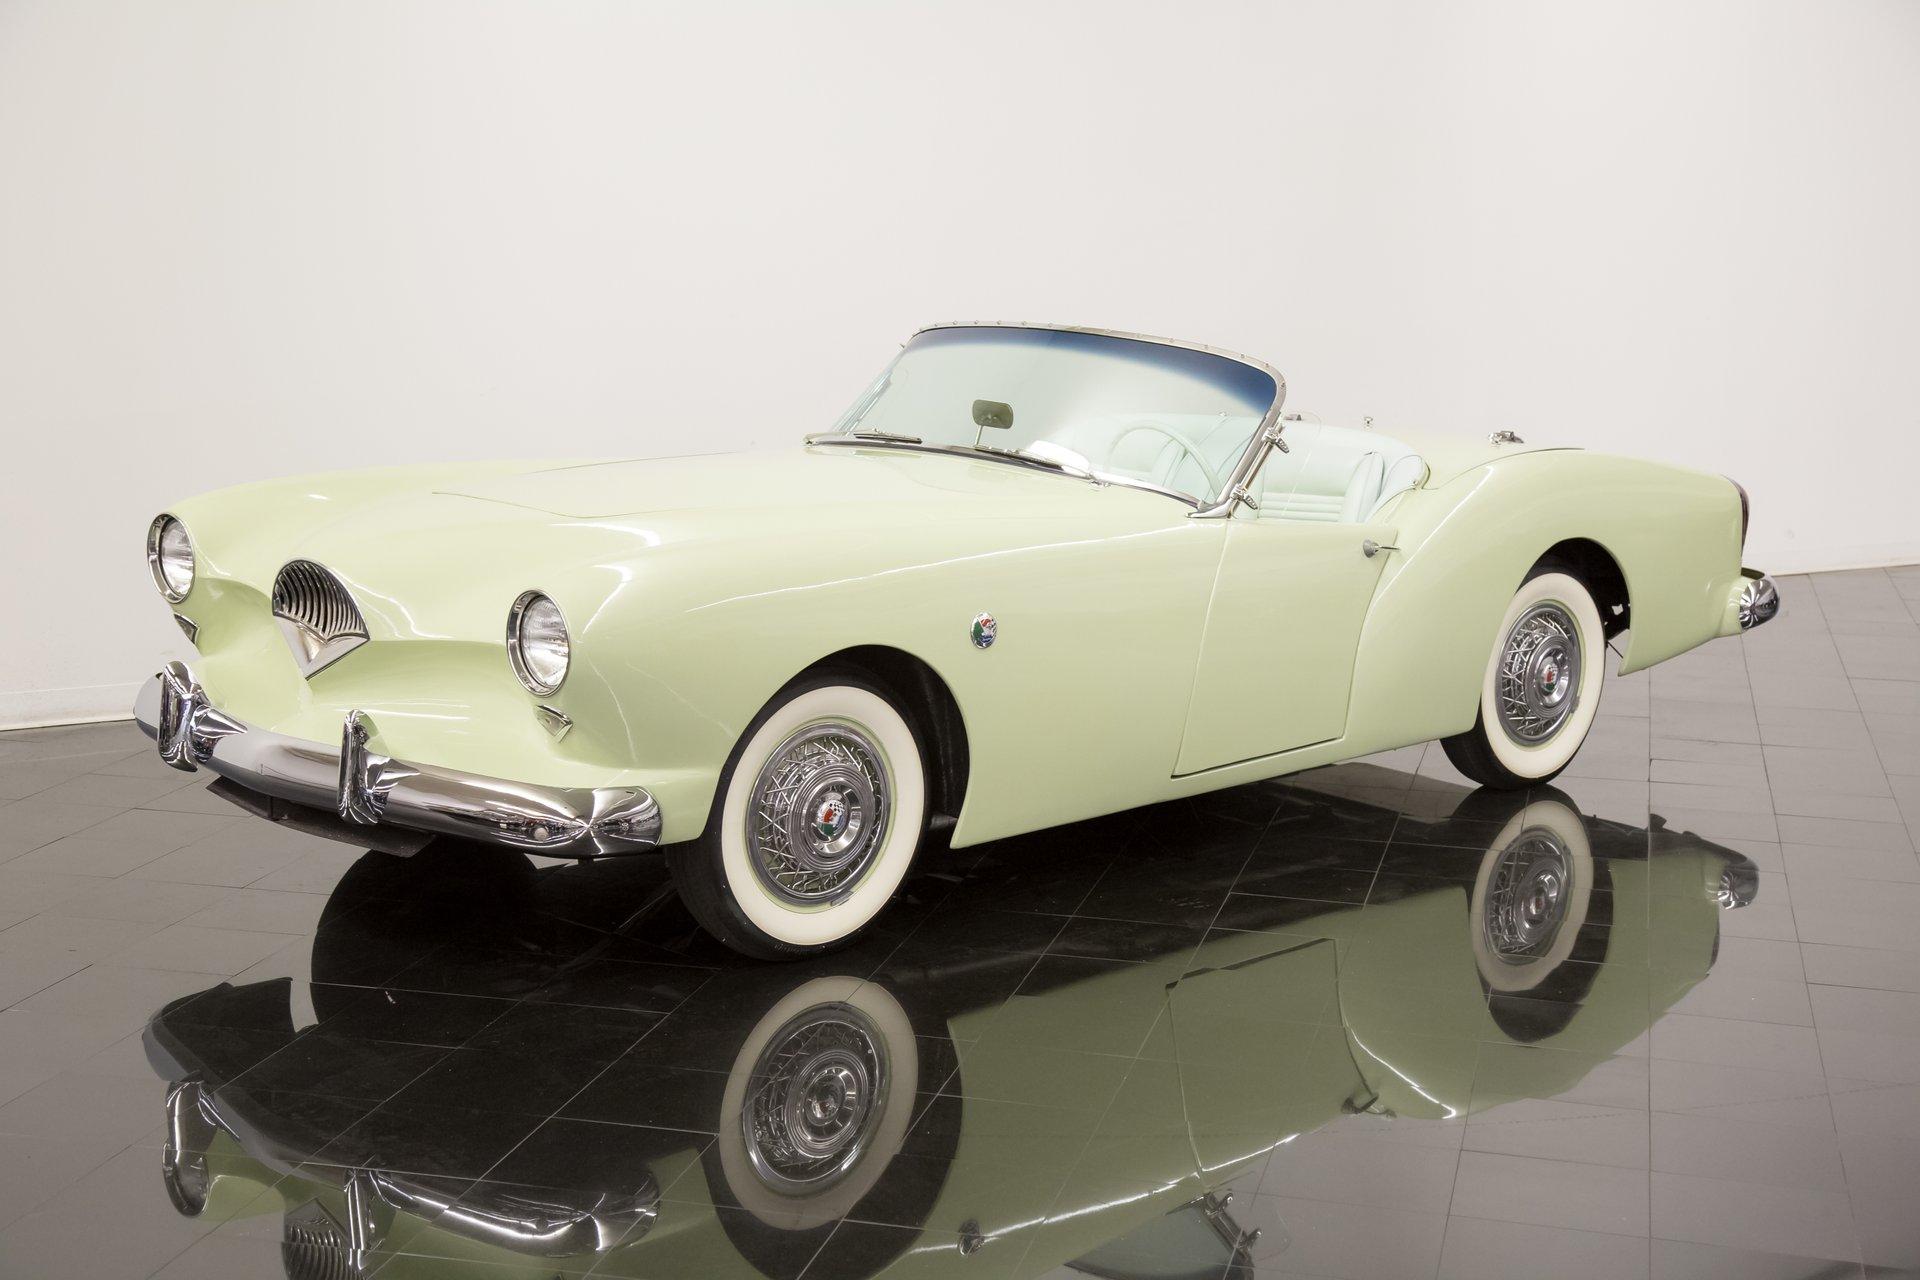 1954 kaiser darrin model 161